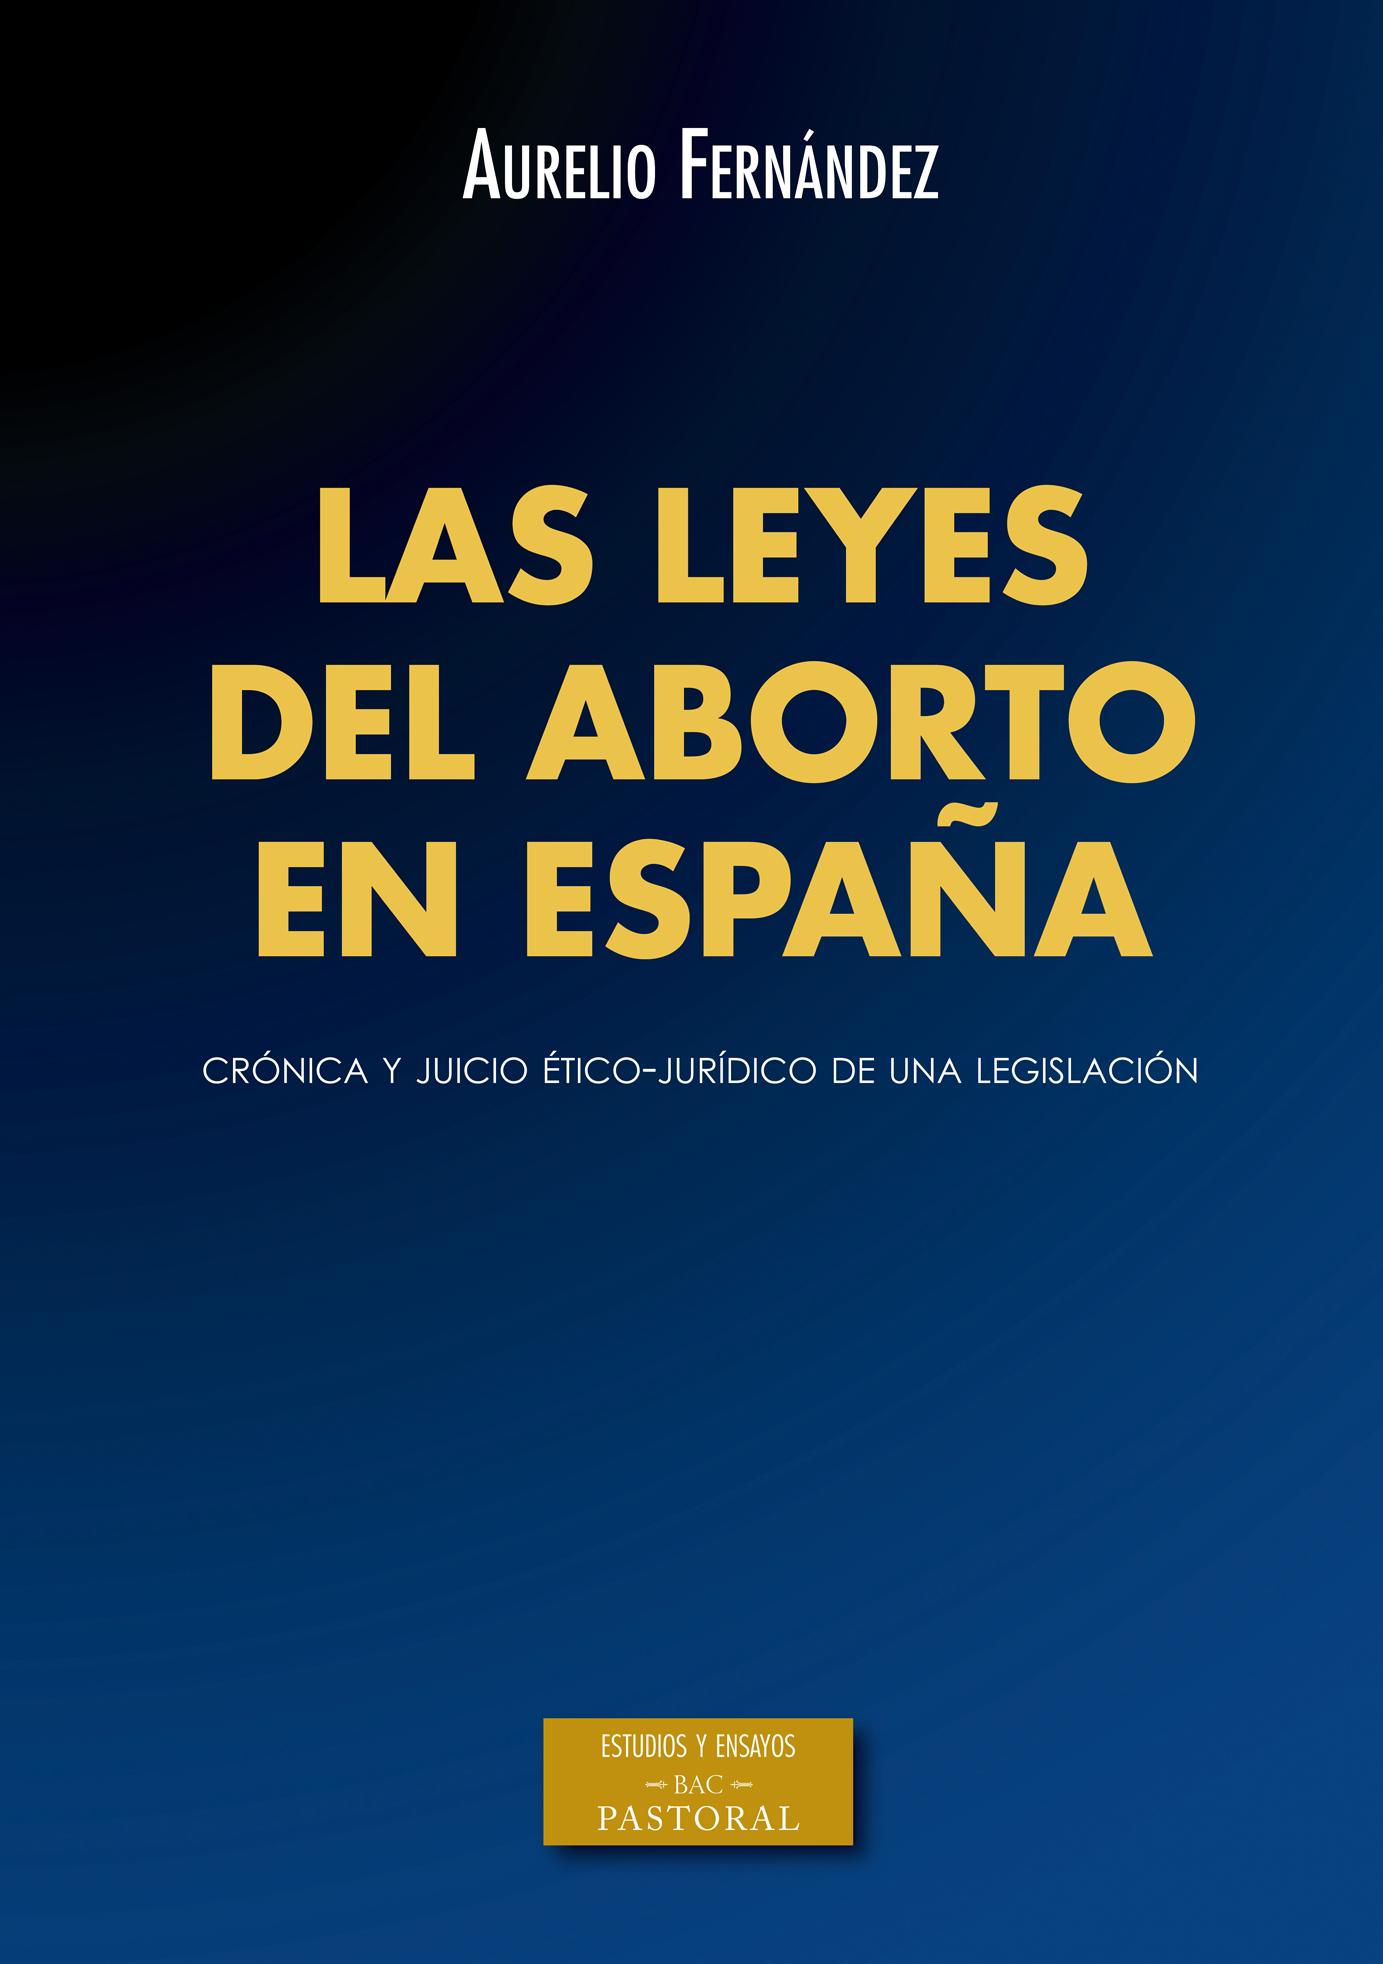 Bonito Reanudar Plantillas Para Enseñar Inglés Adorno - Ejemplo De ...